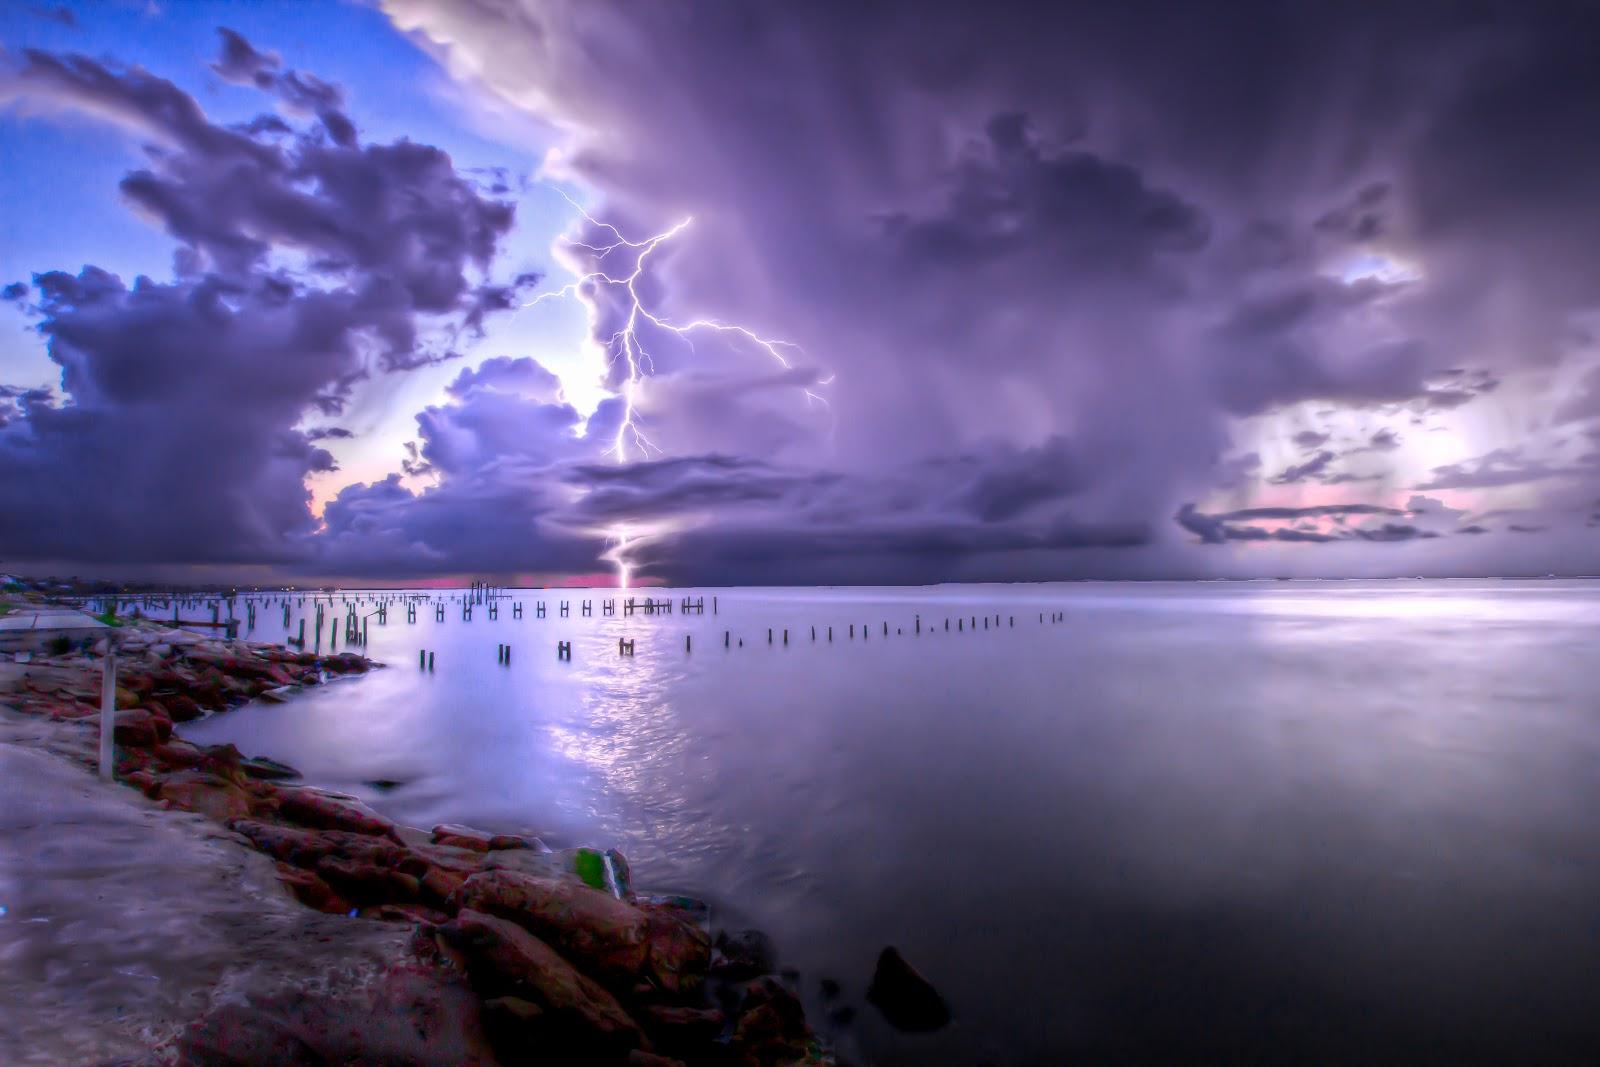 Scary Thunderbolt on Beach 1600x1067